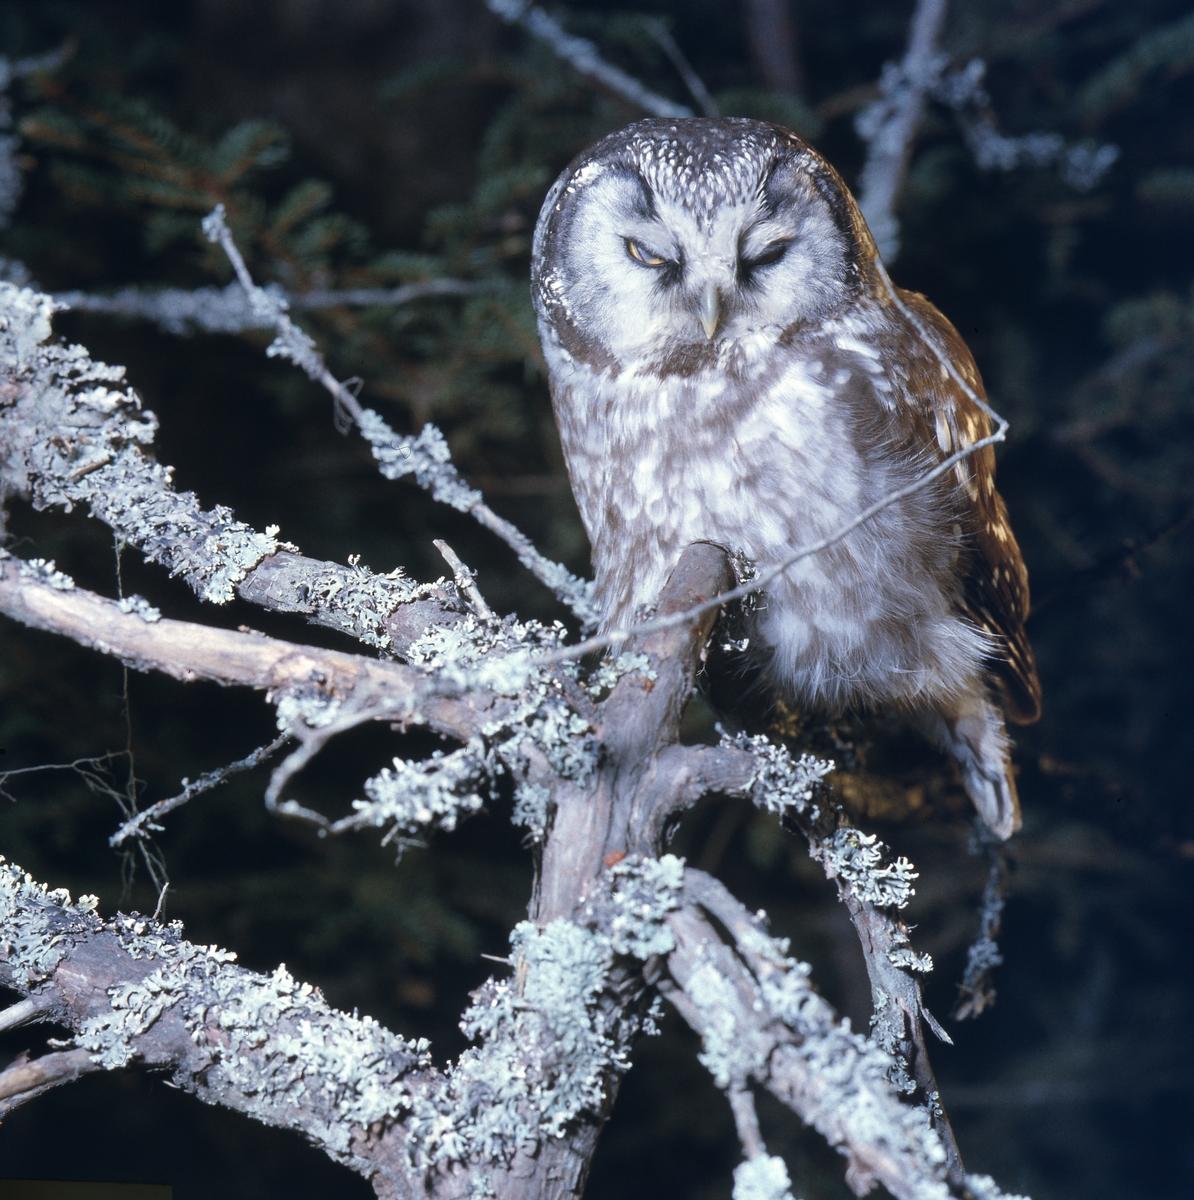 På en gren klädd med lav sitter en uggla och blundar.